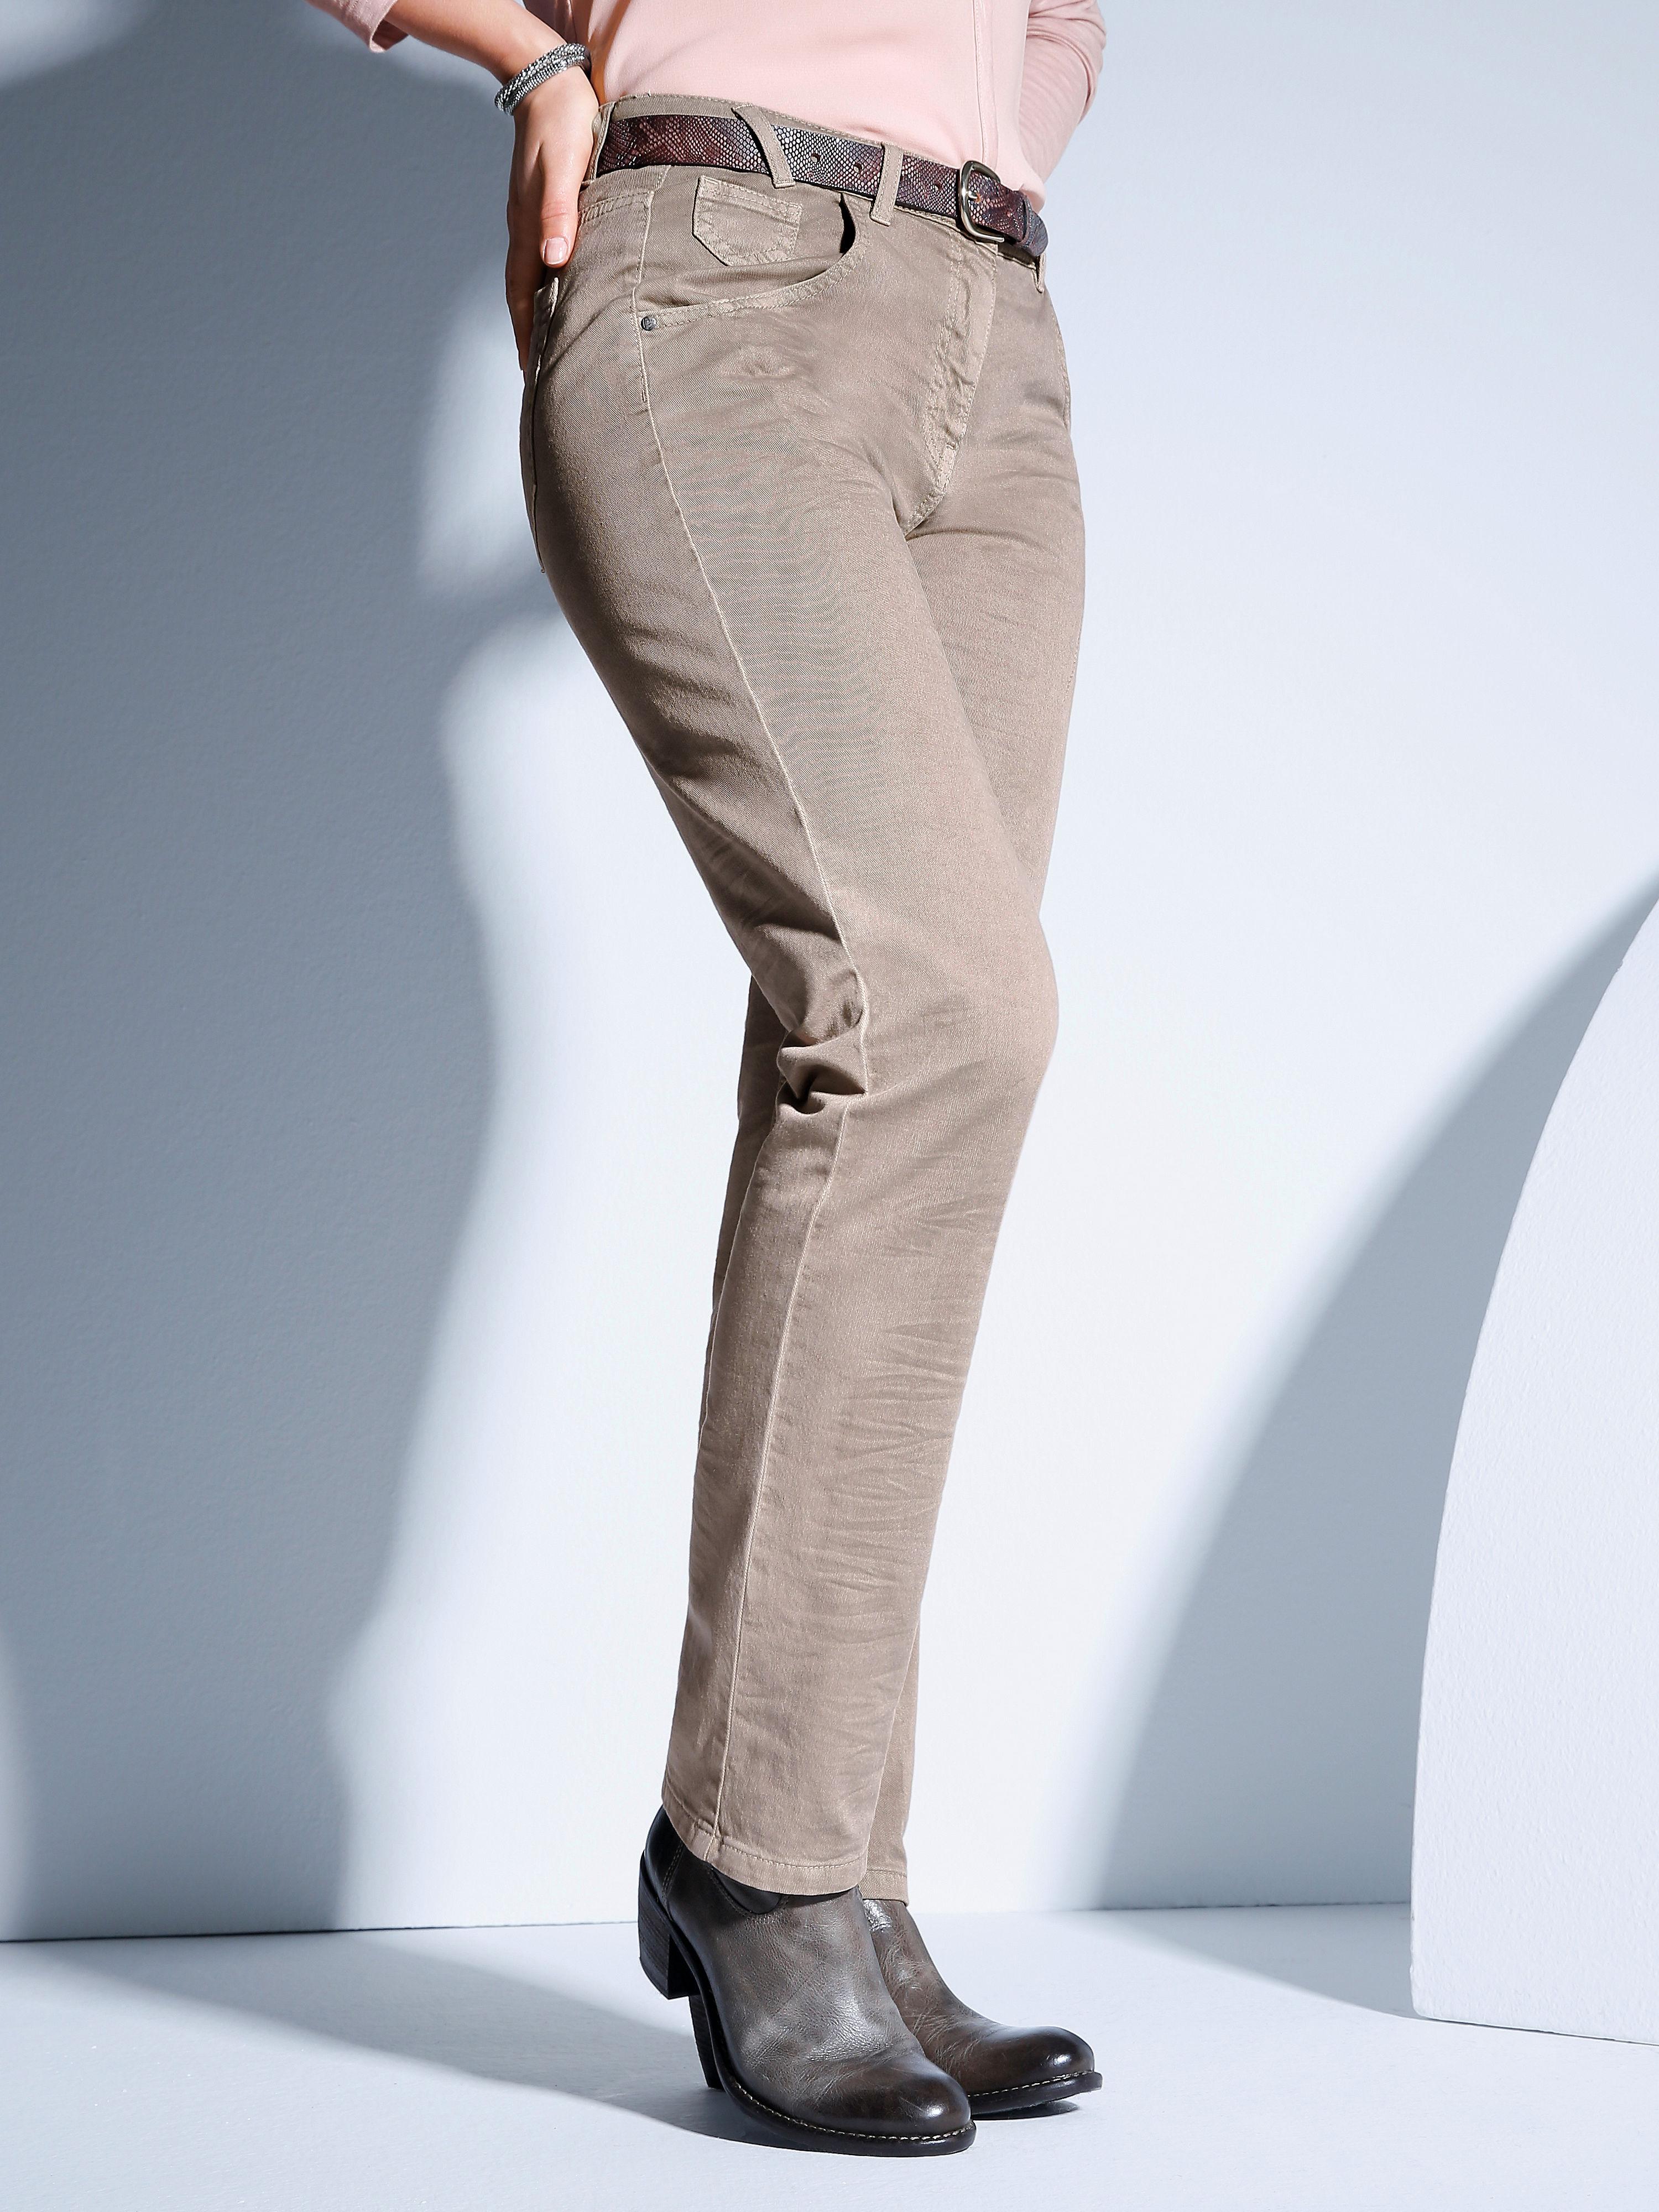 008dfa668cbb Damen Hosen online günstig kaufen über shop24.at   shop24